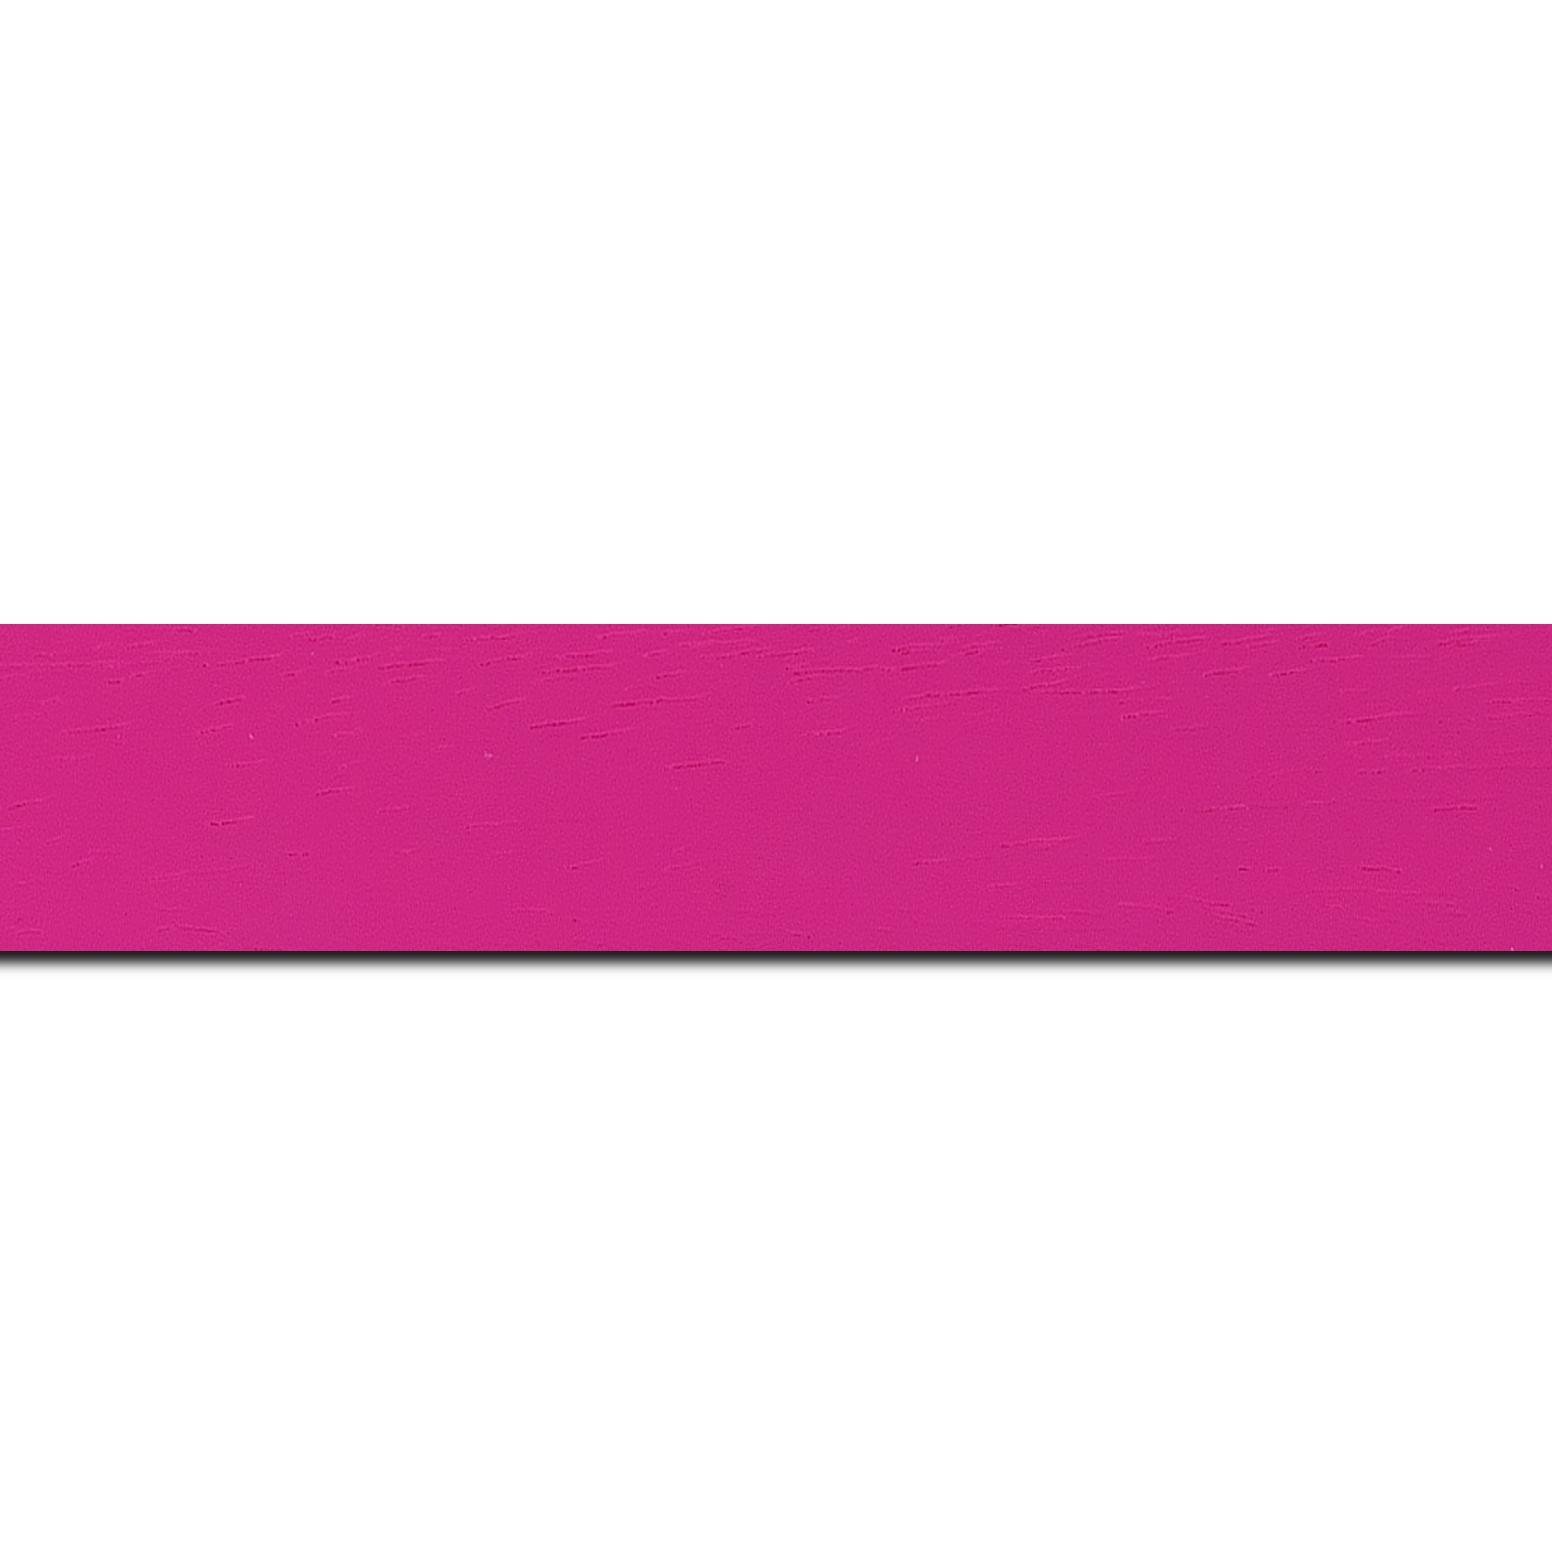 Baguette longueur 1.40m bois profil plat largeur 3cm couleur rose fushia satiné